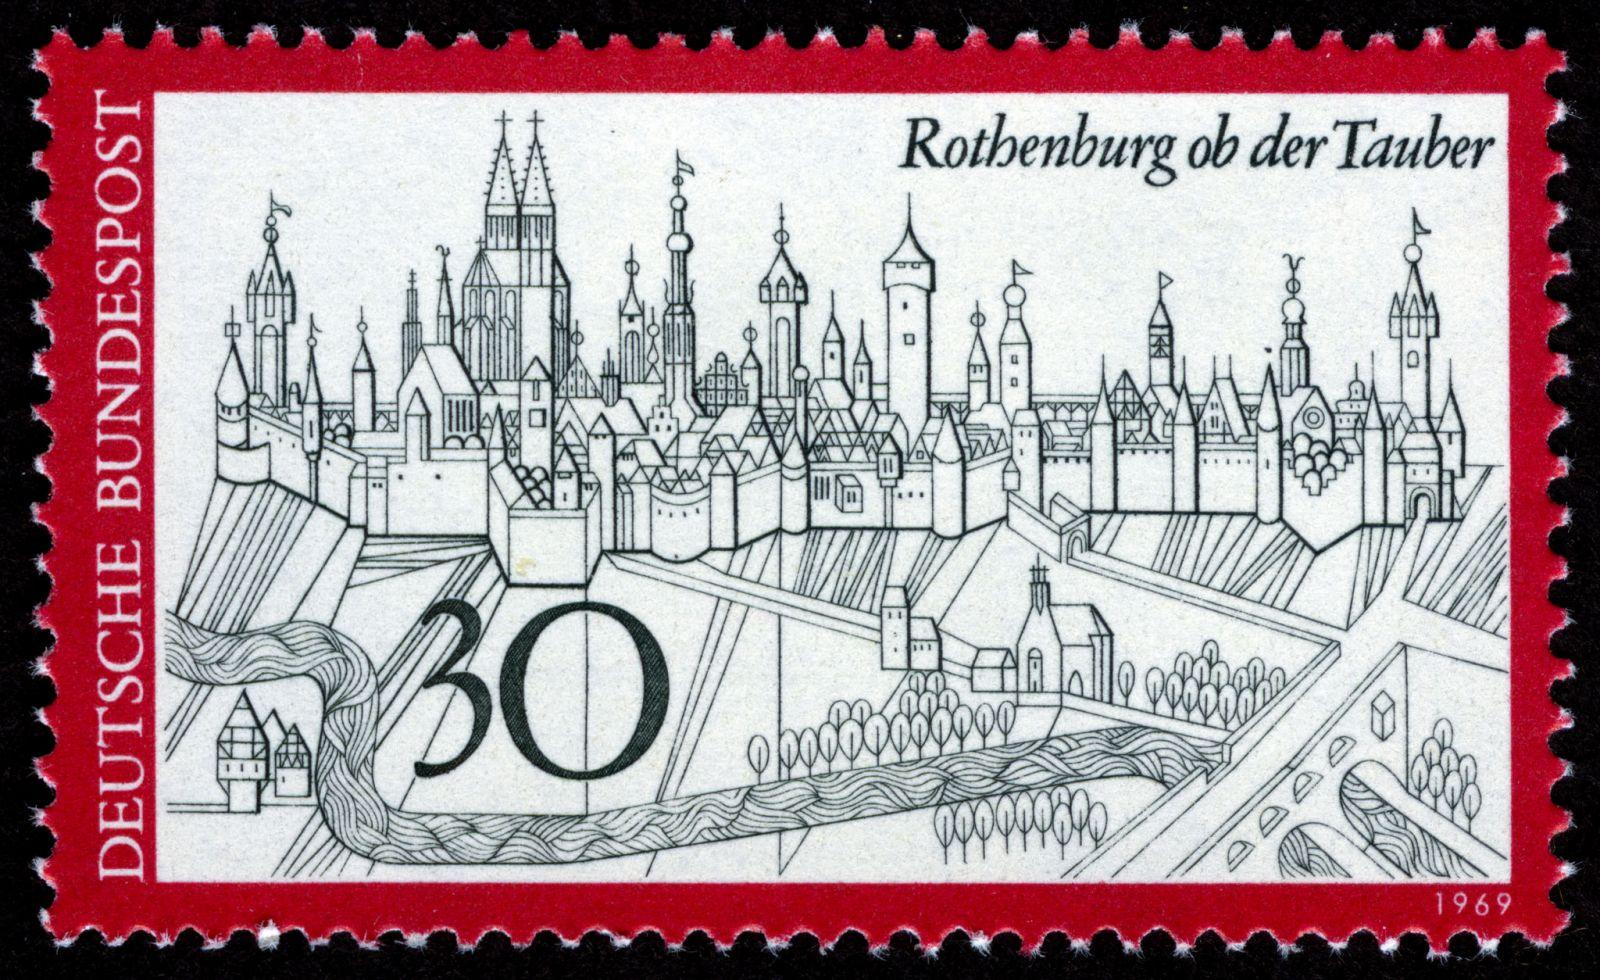 Rothenburg ob der Tauber, 1969